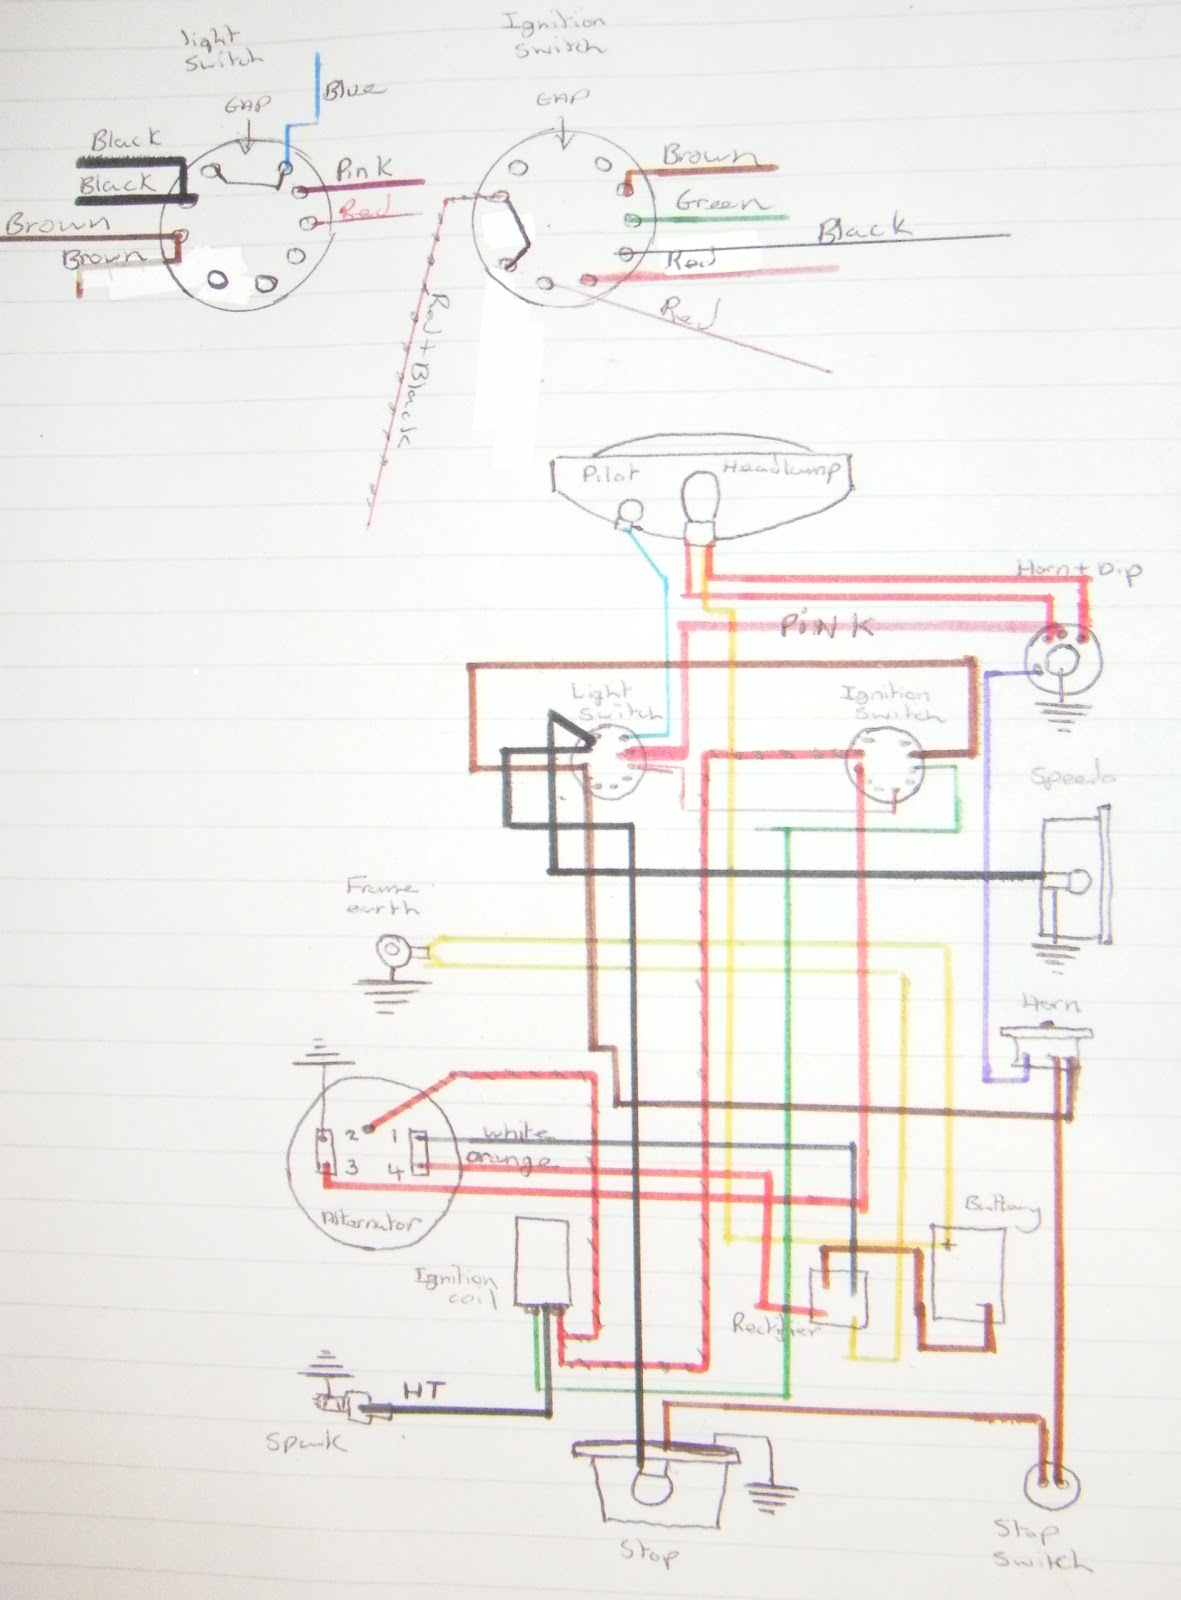 medium resolution of my bsa bantam d7 wiring diagram triumph chopper wiring diagram bsa wiring diagrams